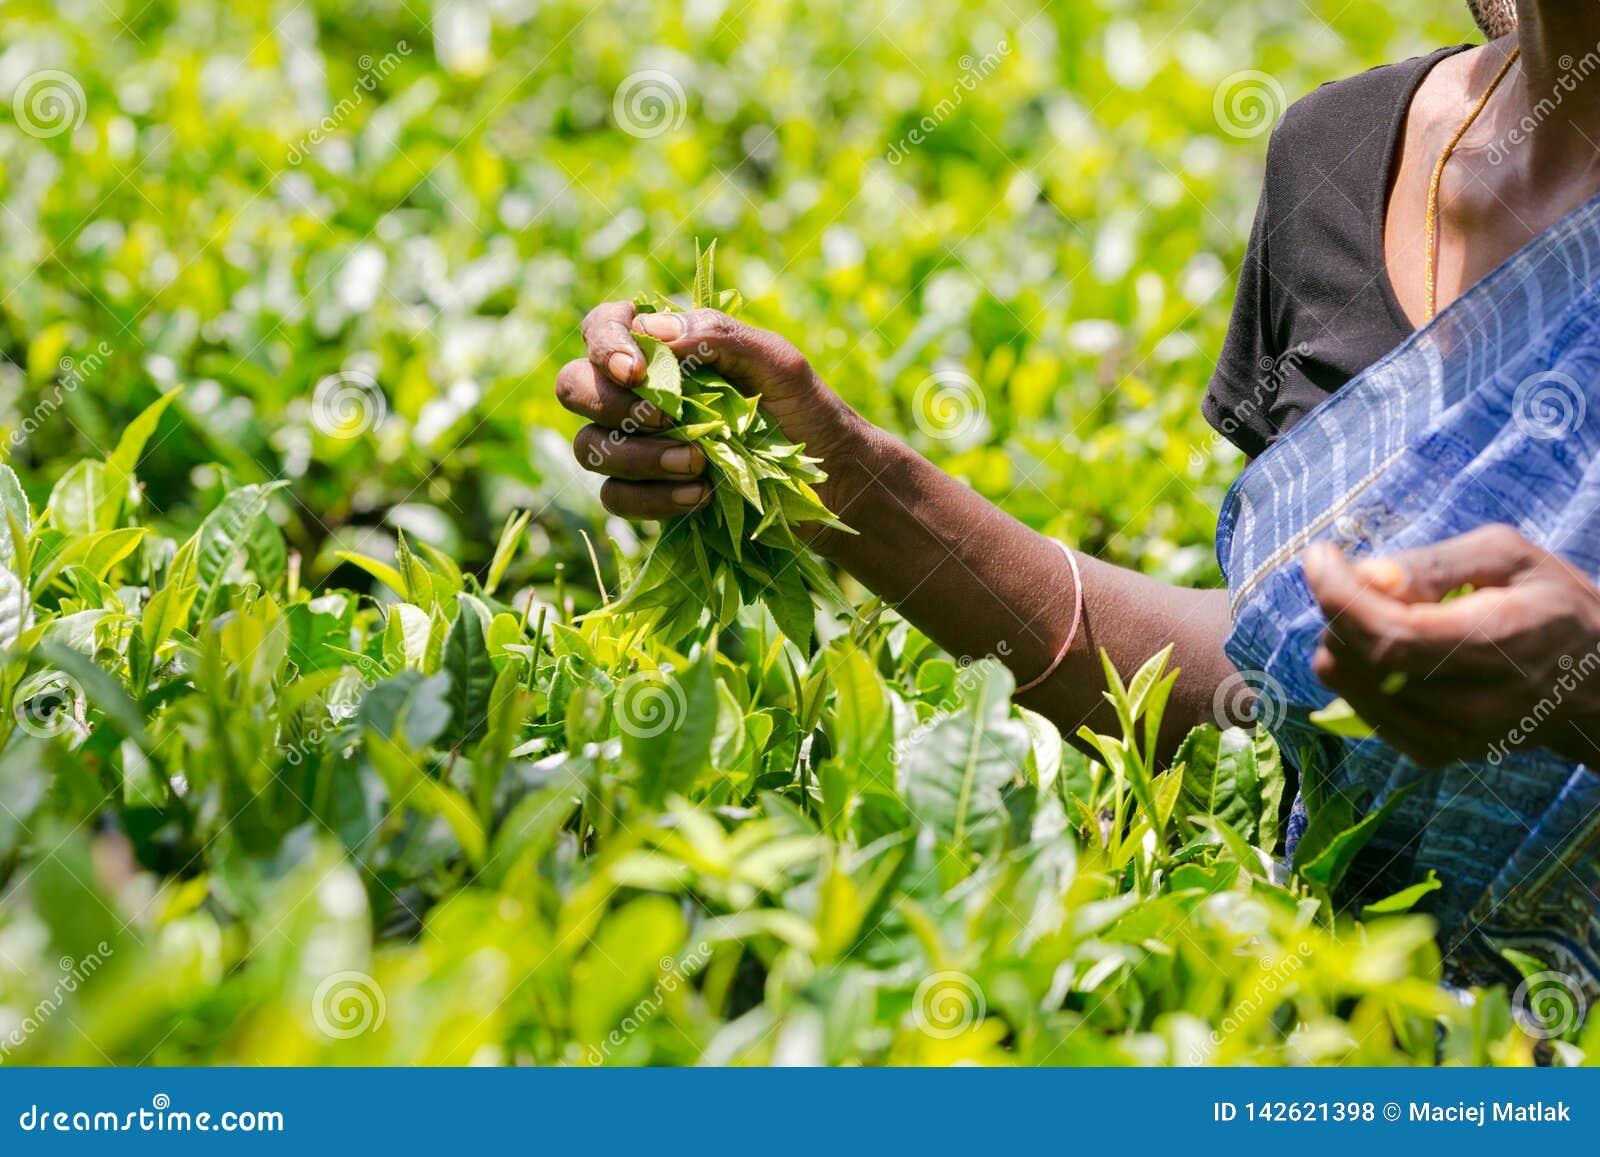 Récolteuse de thé tenant les feuilles de thé fraîches